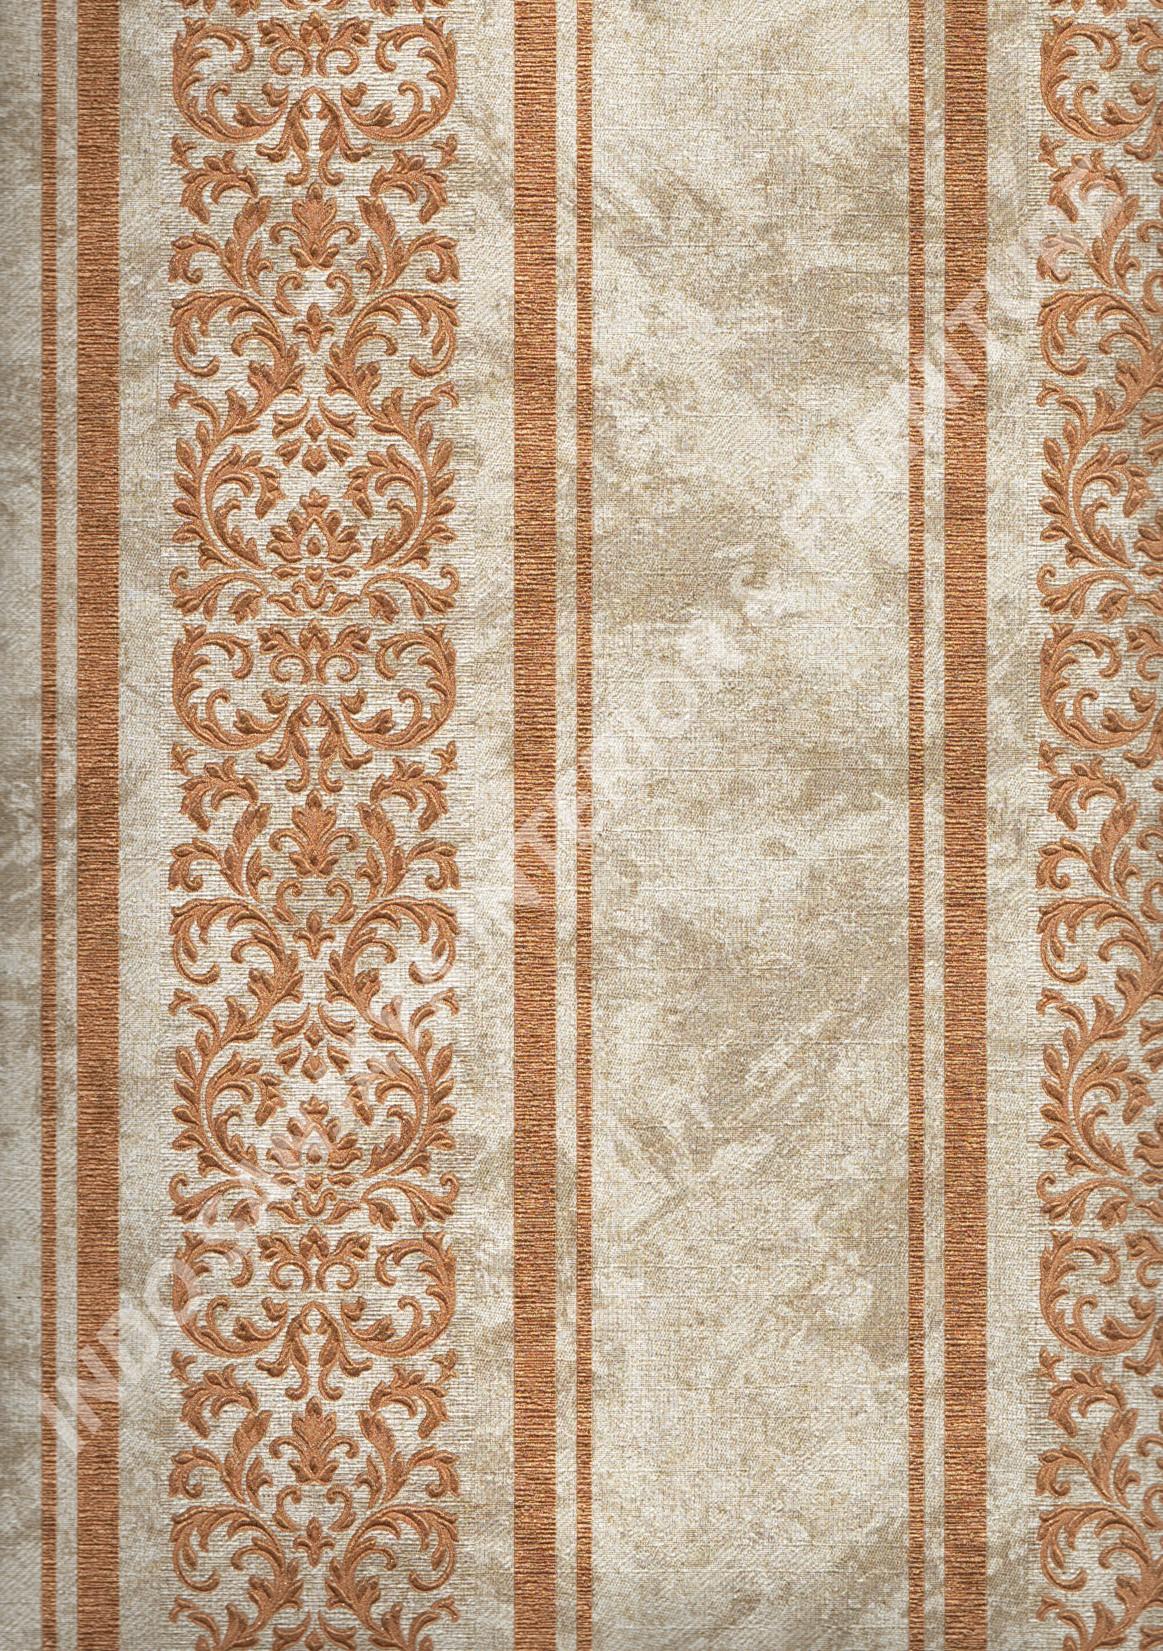 wallpaper   Wallpaper Klasik Batik (Damask) 81082-4:81082-4 corak  warna